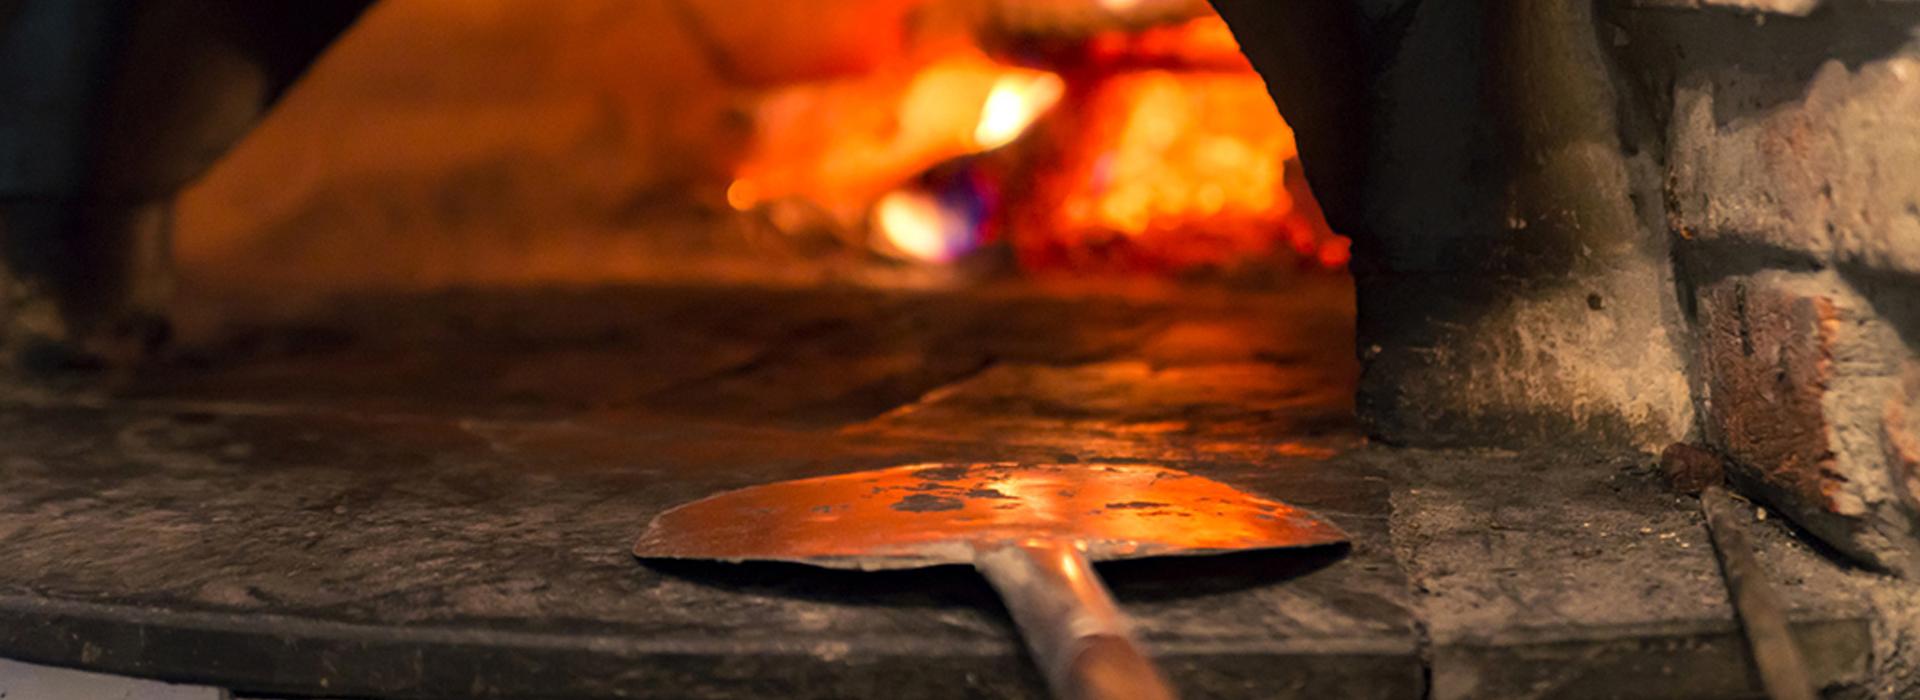 Pizzeria con forno a legna Marsala Trapani